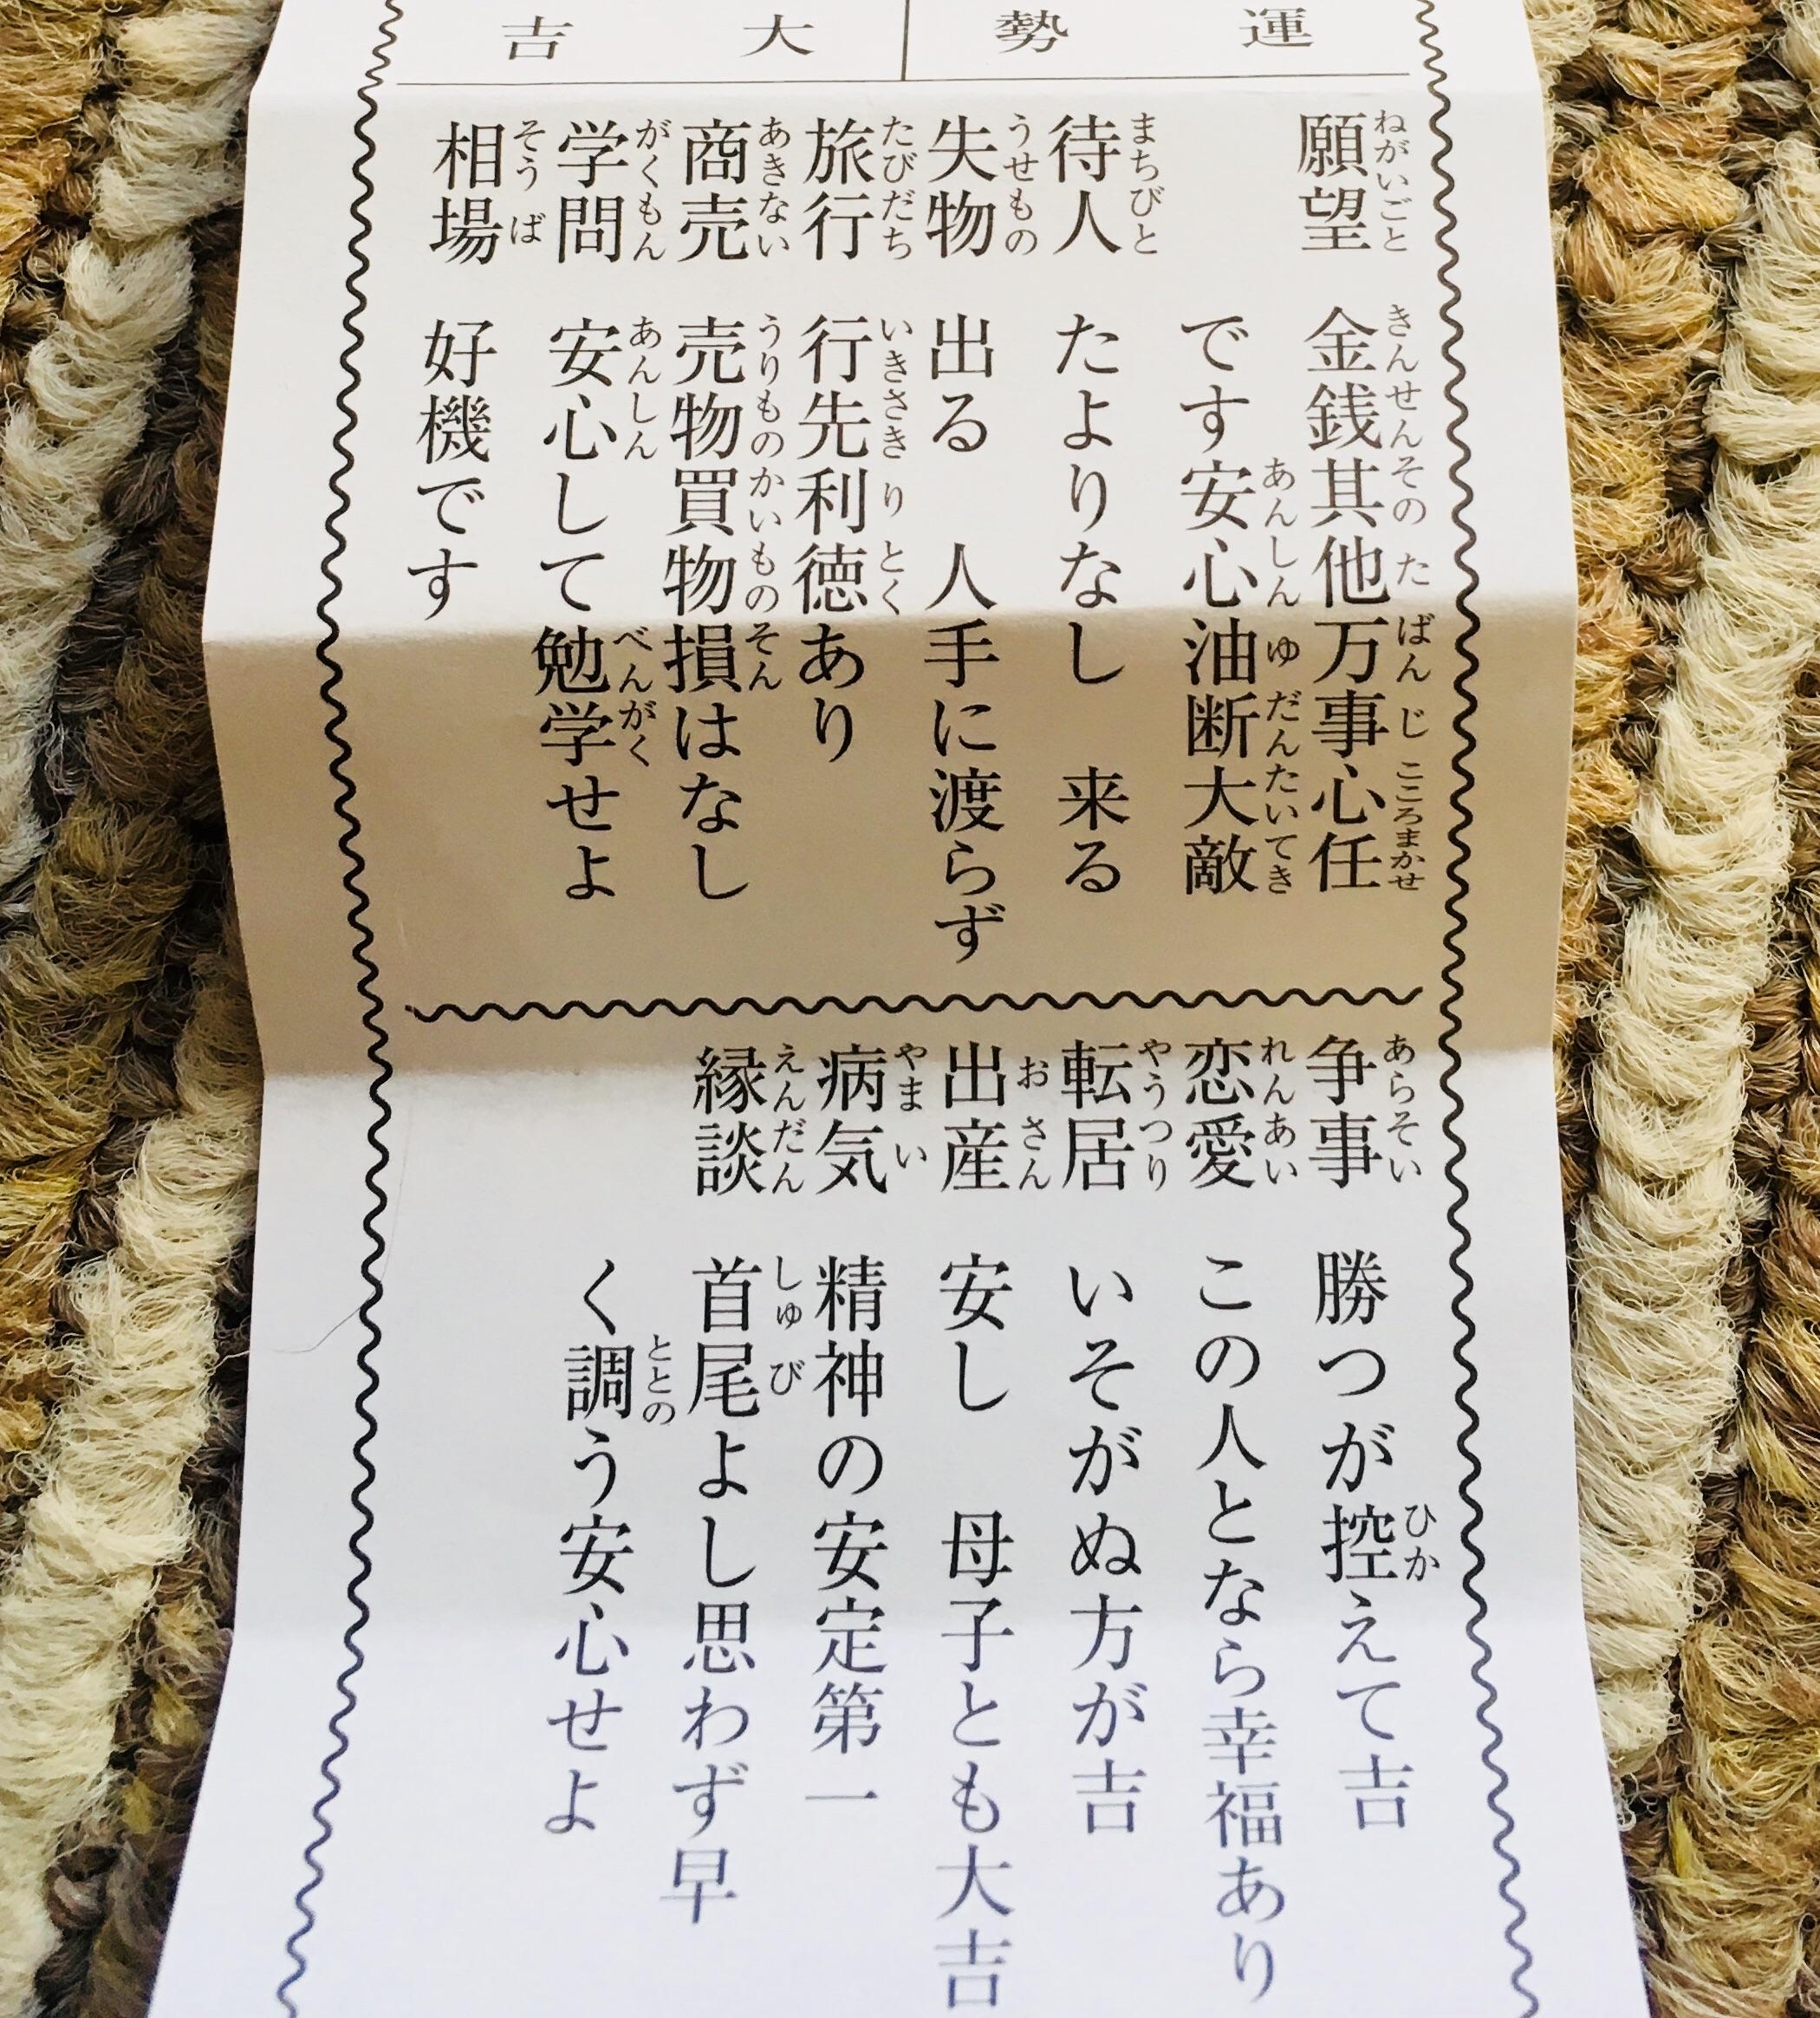 f:id:miyamasaki:20180104021900j:image